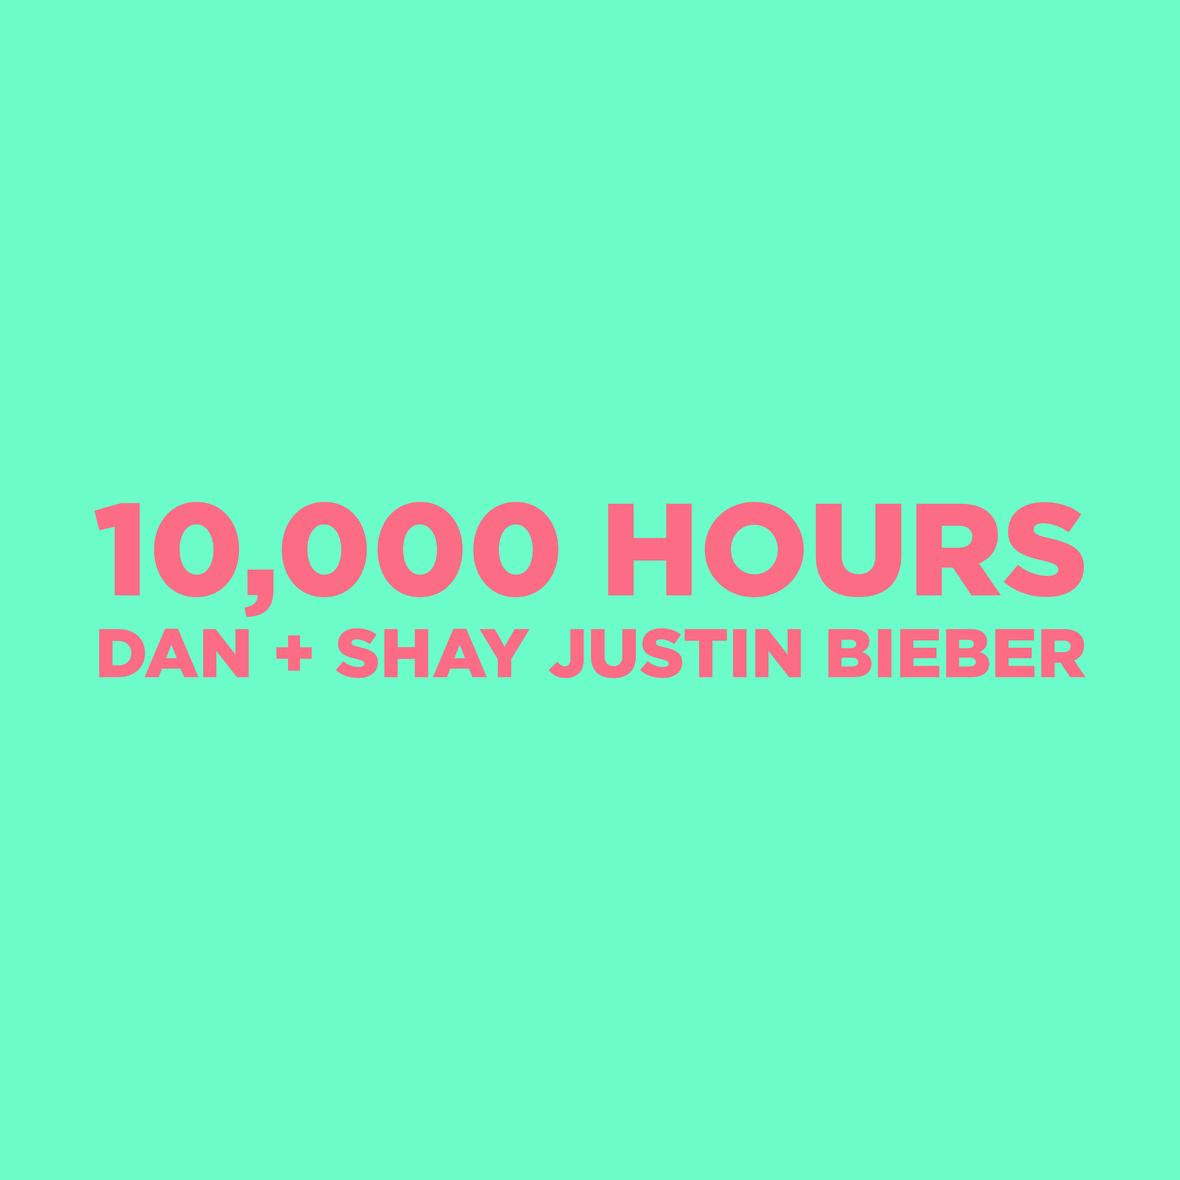 DSJB 10k HOURS